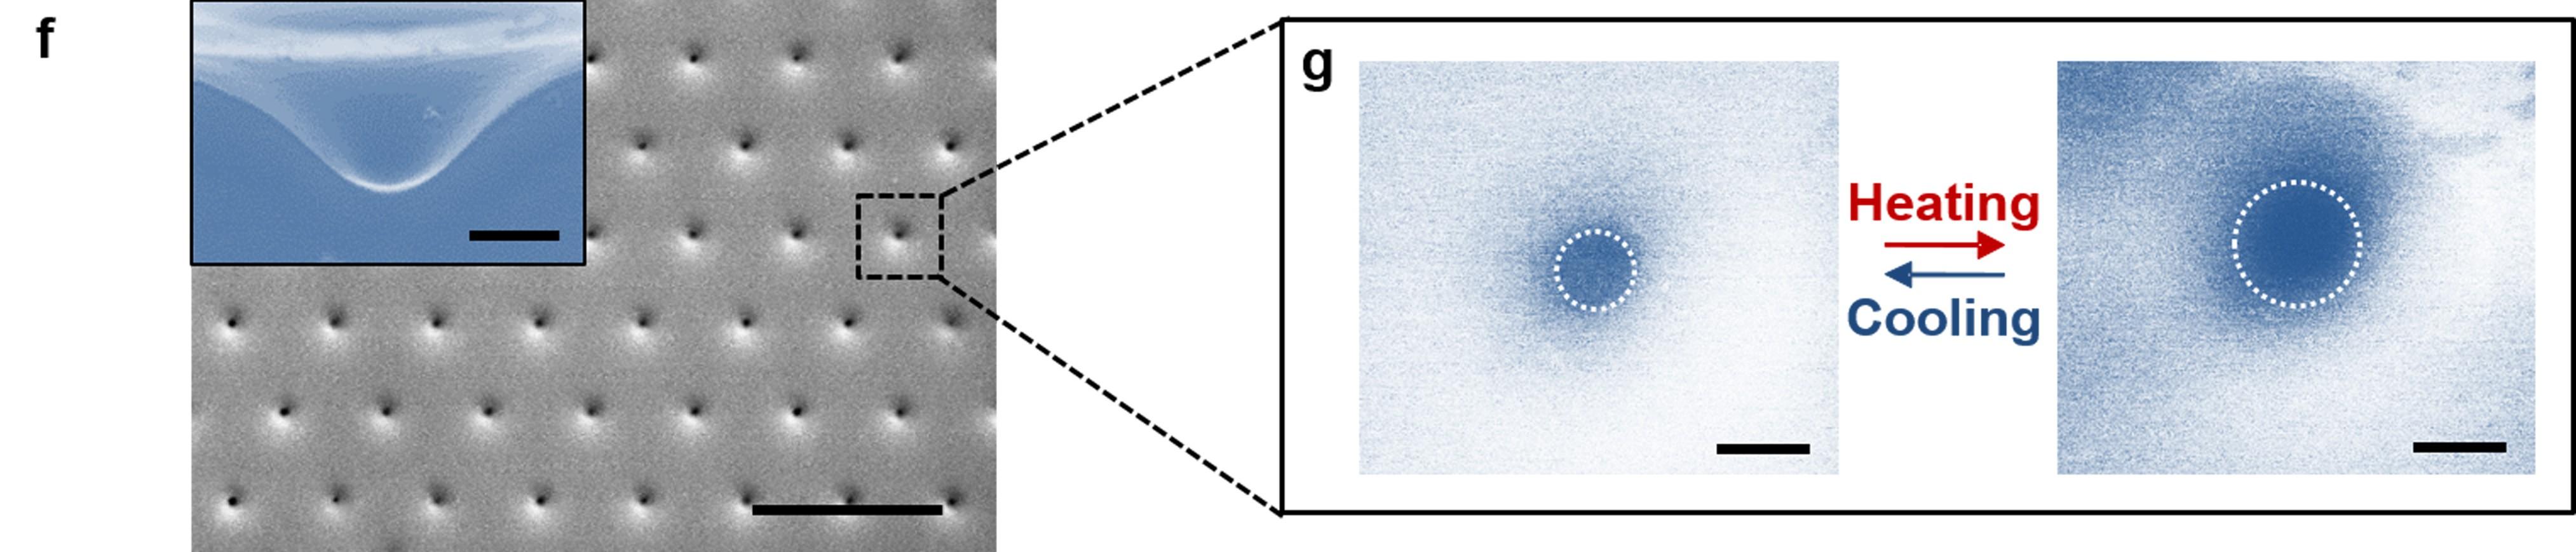 문어 빨판 모사 스마트 접착 패드의 전자현미경 이미지